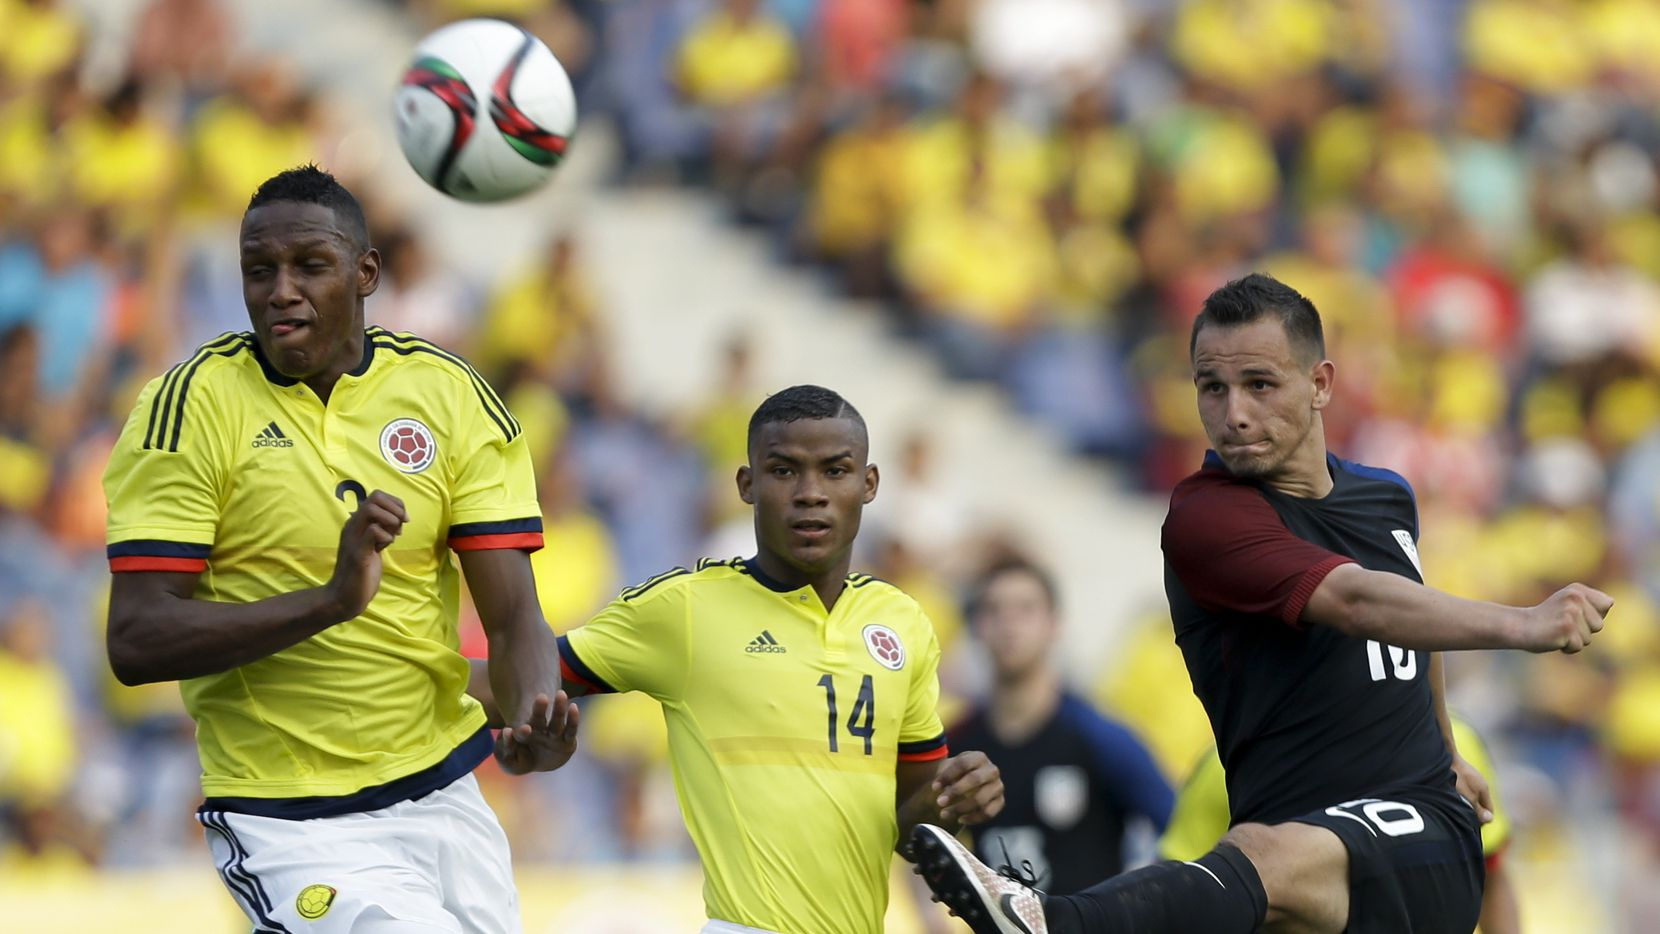 Luis Gil y la selección estadounidense Sub-23 igualaron 1-1 con Colombia la semana pasada en Barranquilla. Foto AP